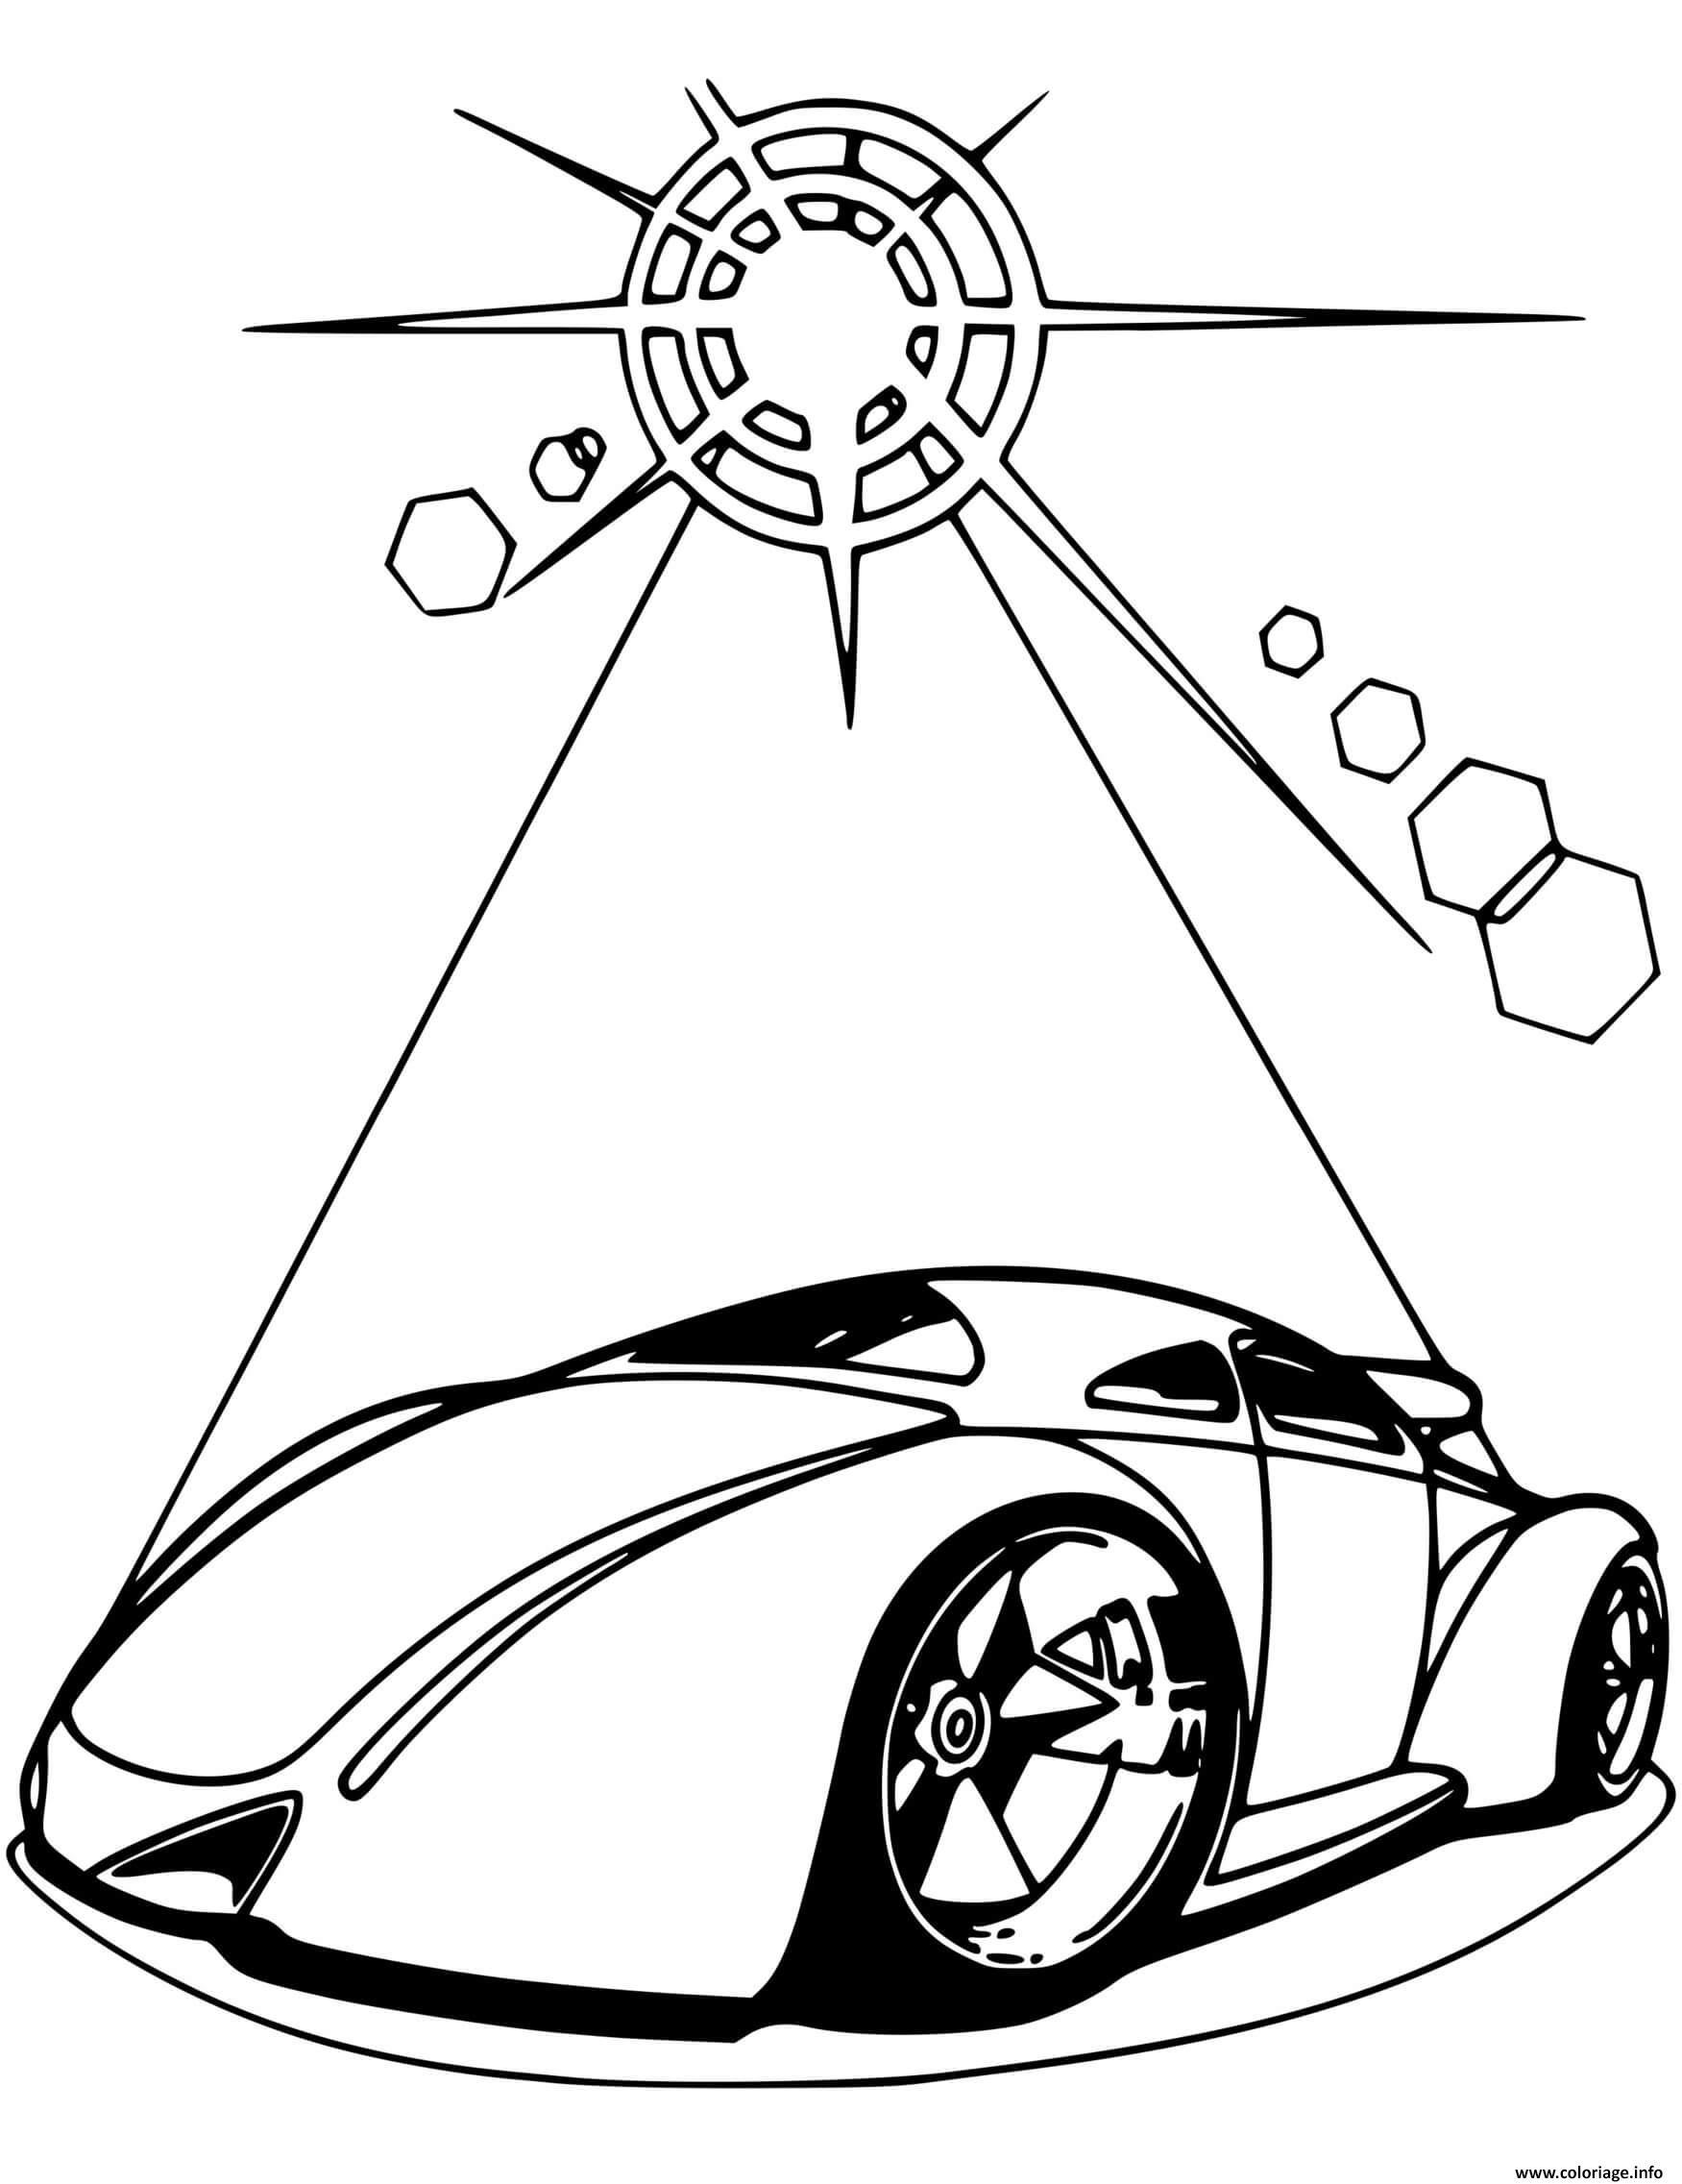 Dessin Hot Wheels Futuristic voiture Coloriage Gratuit à Imprimer